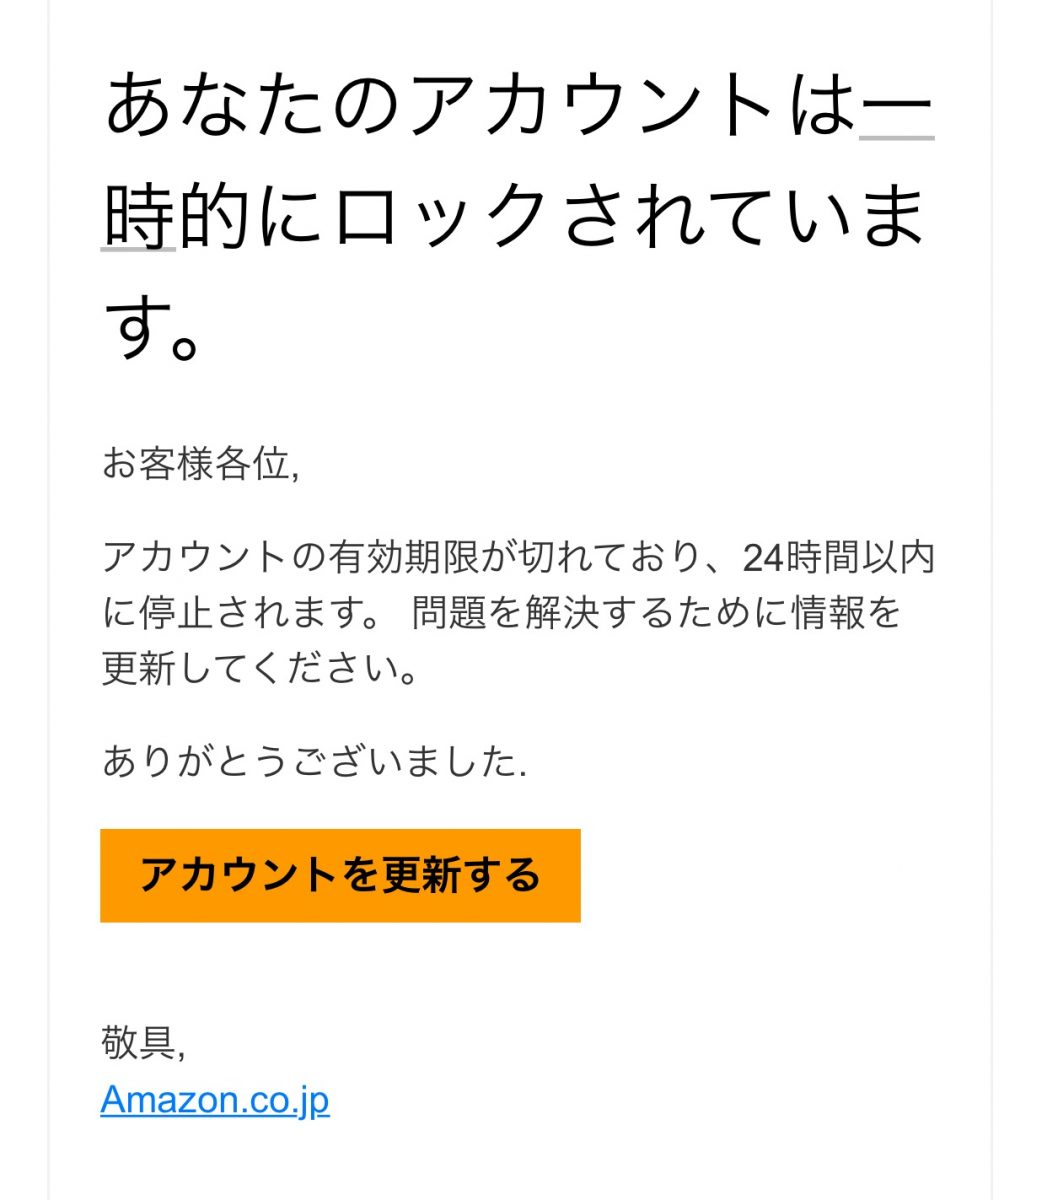 【危険】24時間以内に停止。あなたの情報を確認してください|Amazon.jpを語る不審なメールに注意